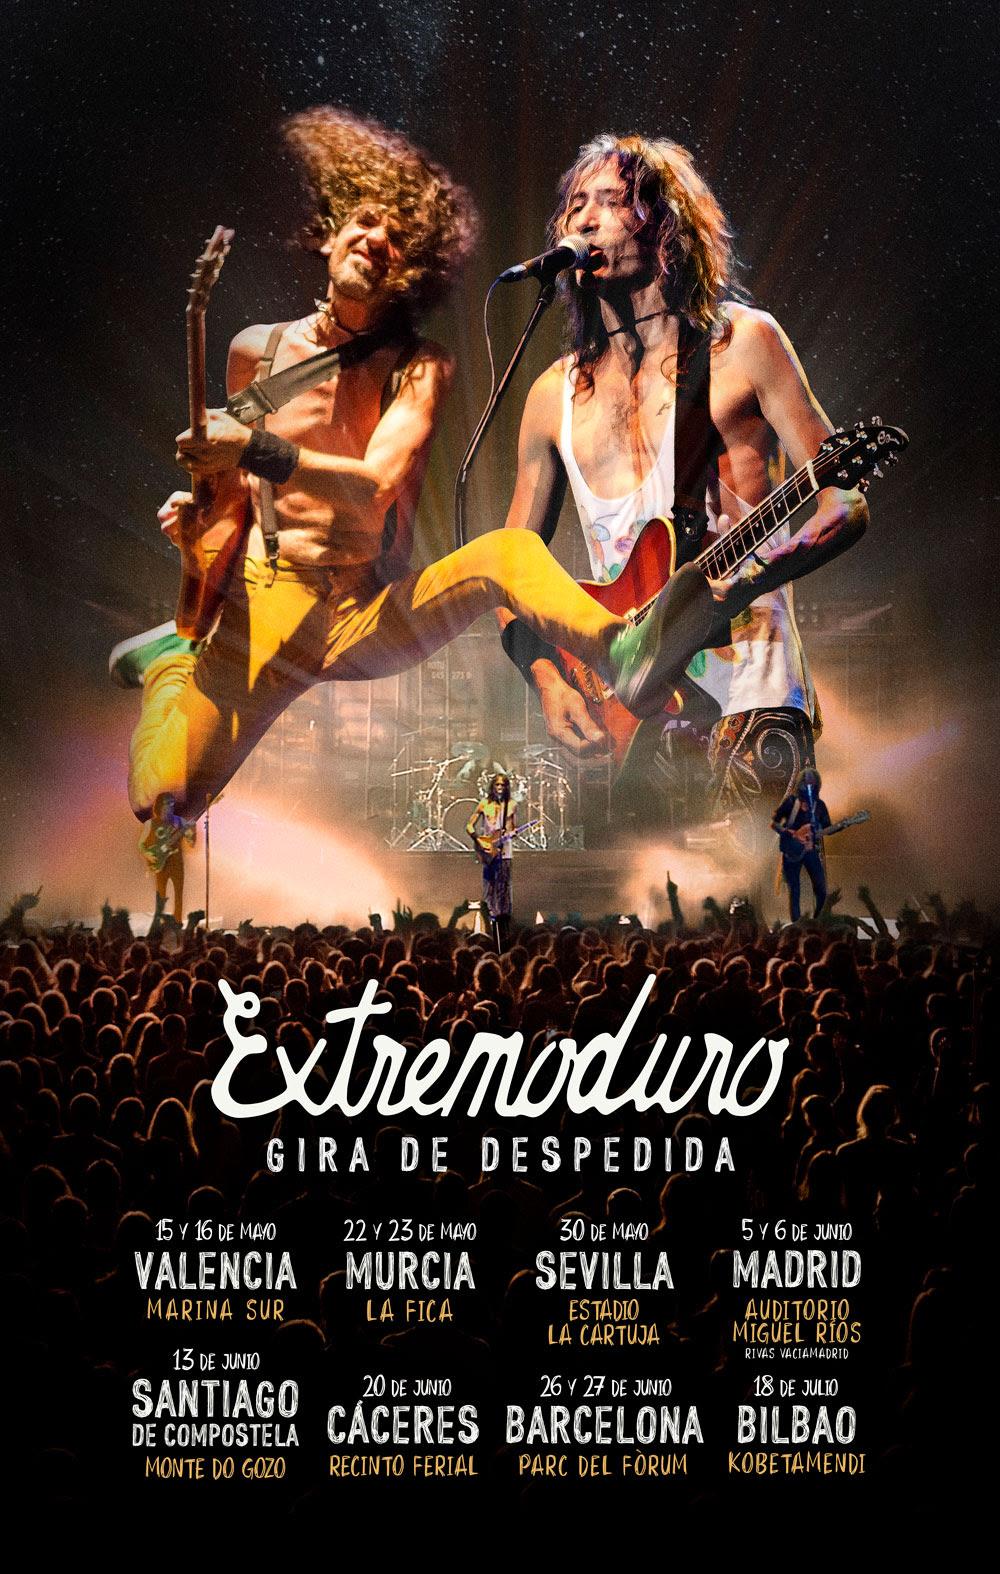 Extremoduro venden más de 200.000 entradas de su gira de despedida en 24 horas